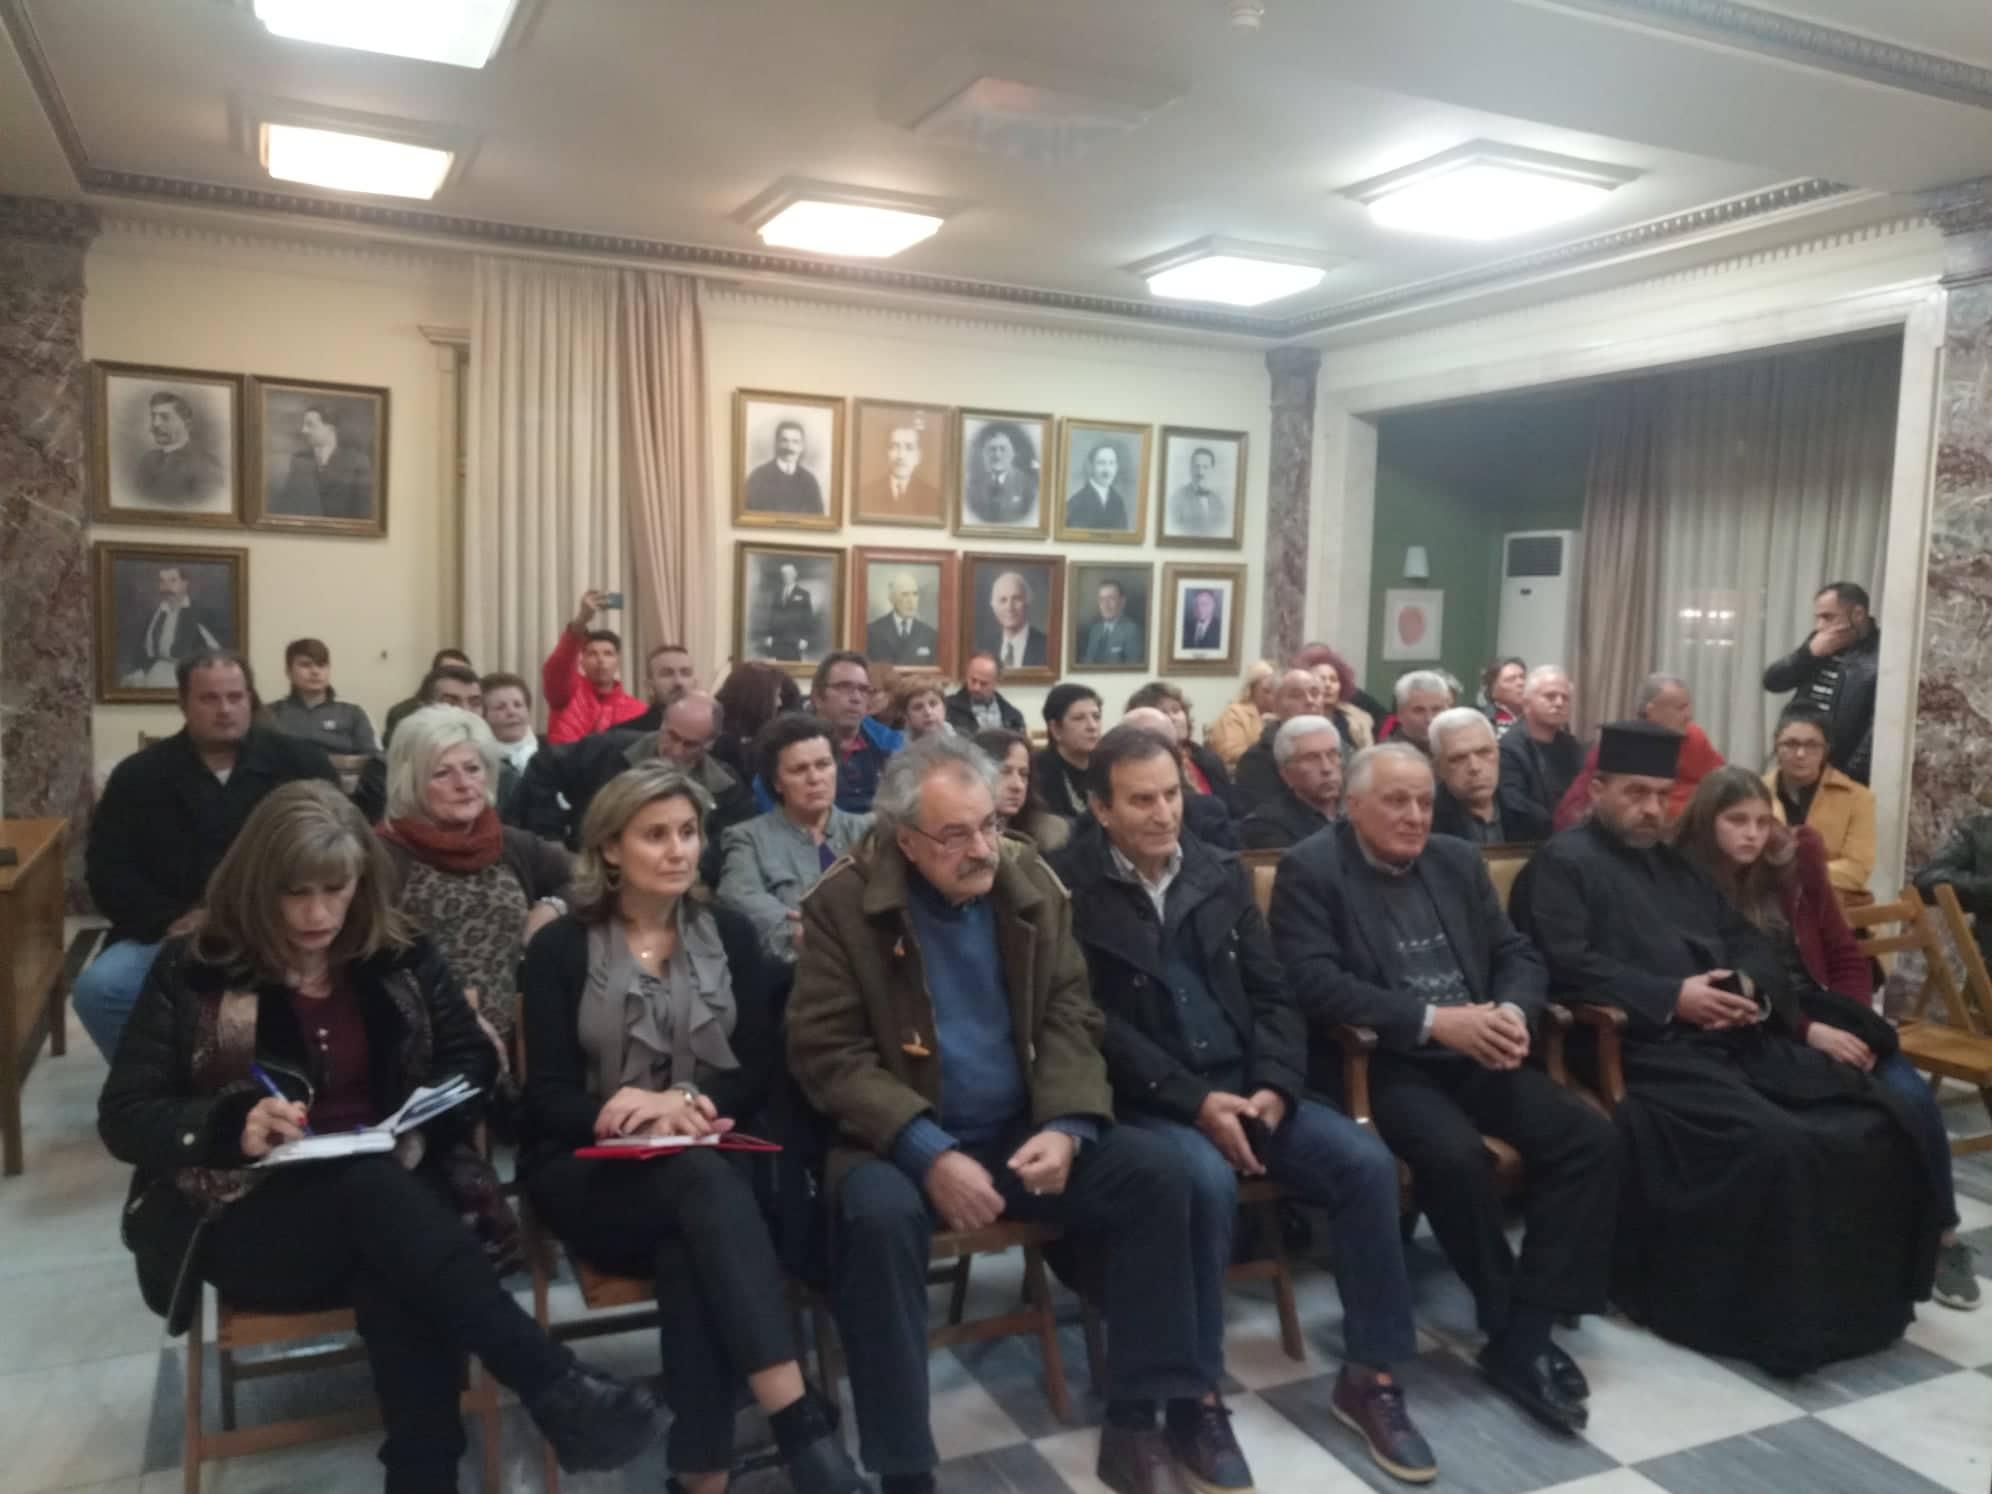 Δήμος Πύργου: Συνάντηση με εκπροσώπους πολιτιστικών οργανισμών και φορέων- Δημιουργείται πολιτιστικό μητρώο